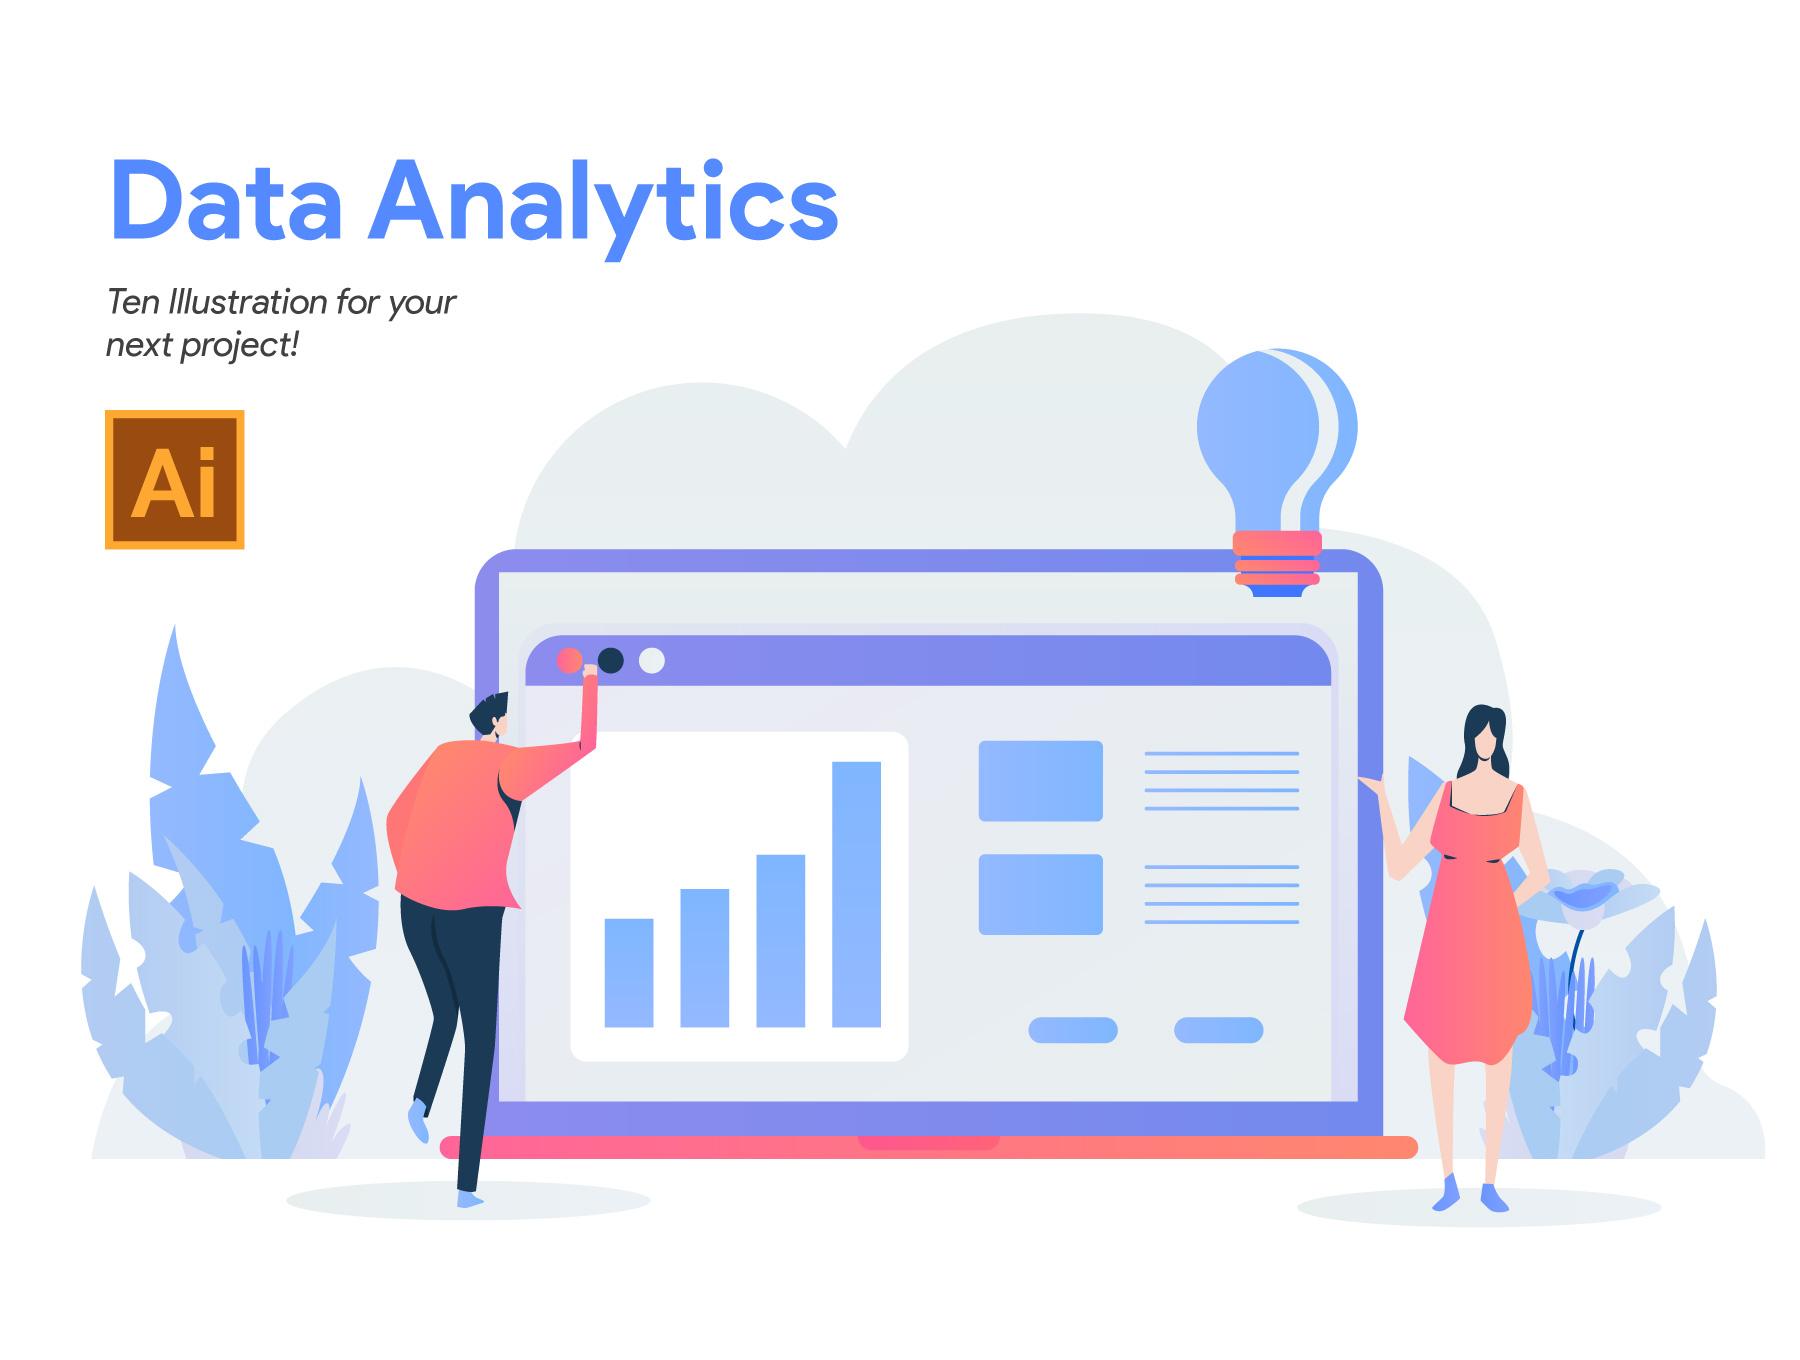 10款数据分析2.5D矢量概念插画素材 Data Analytics Illustration插图